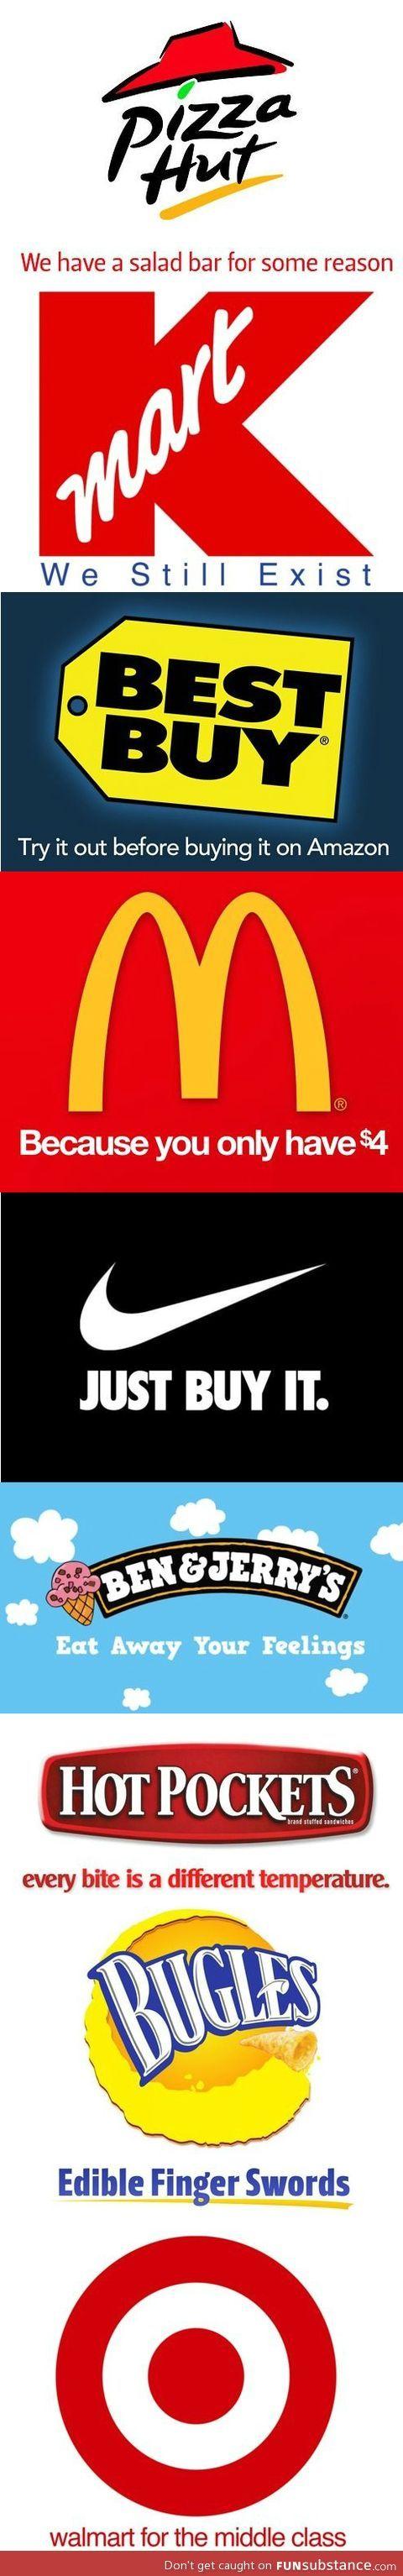 Honest slogans...ha ha pizza hut and ben & jerry's